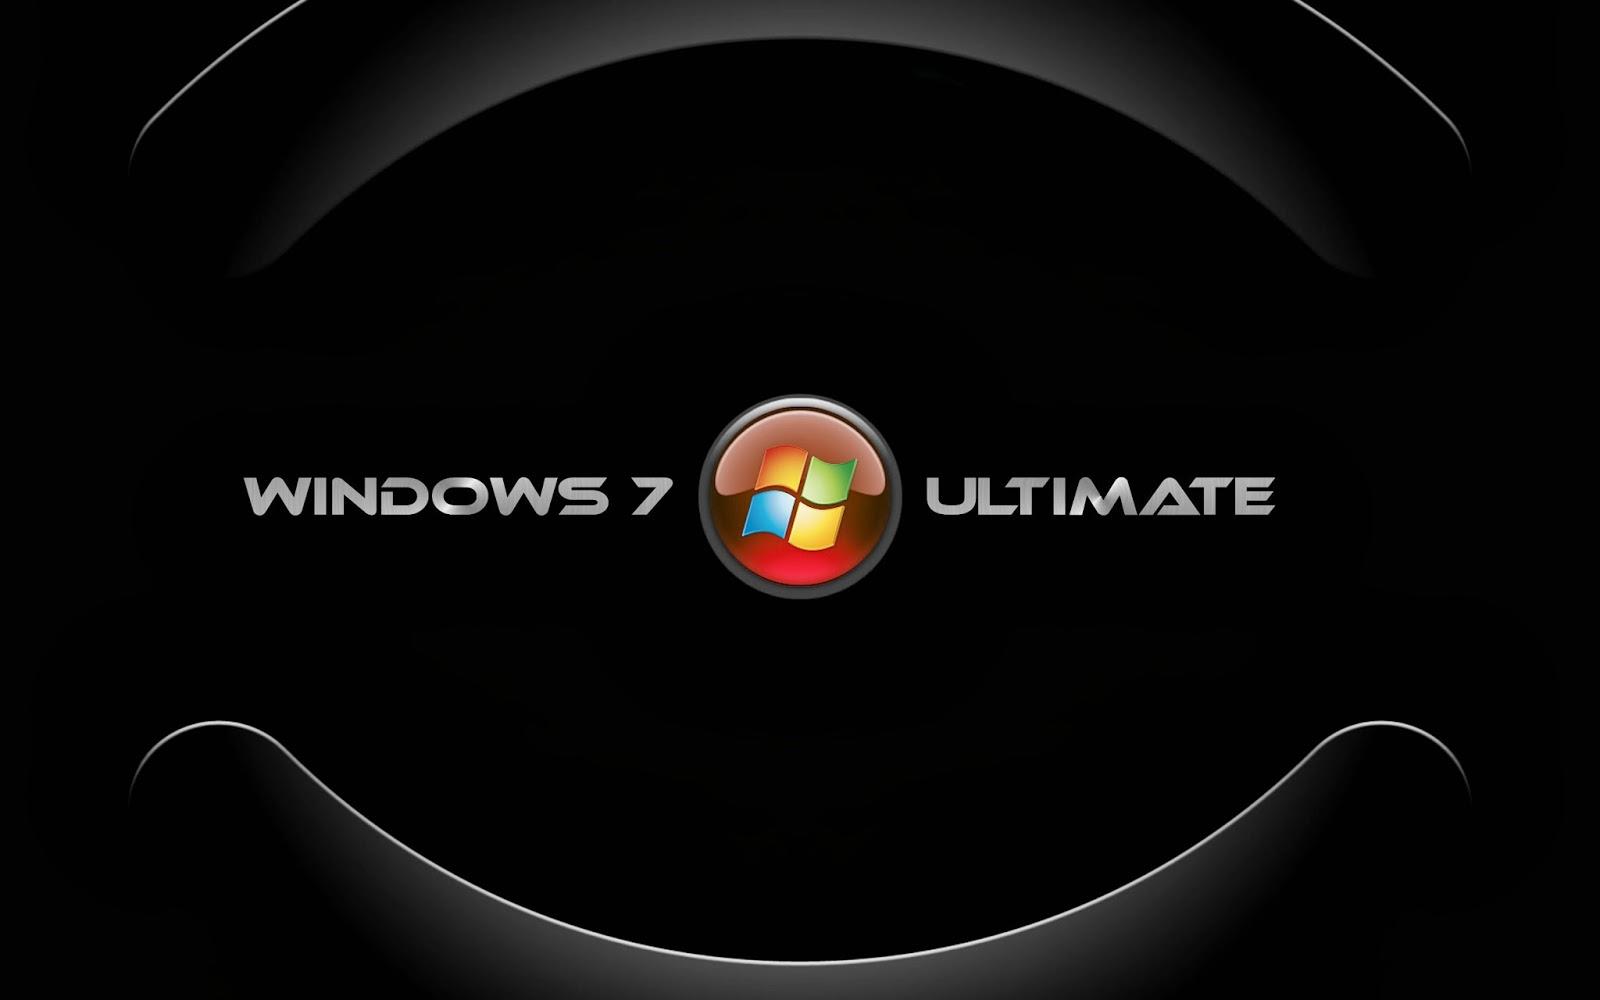 Imágenes Hilandy: Fondo de Pantalla Windows 7 ultimate